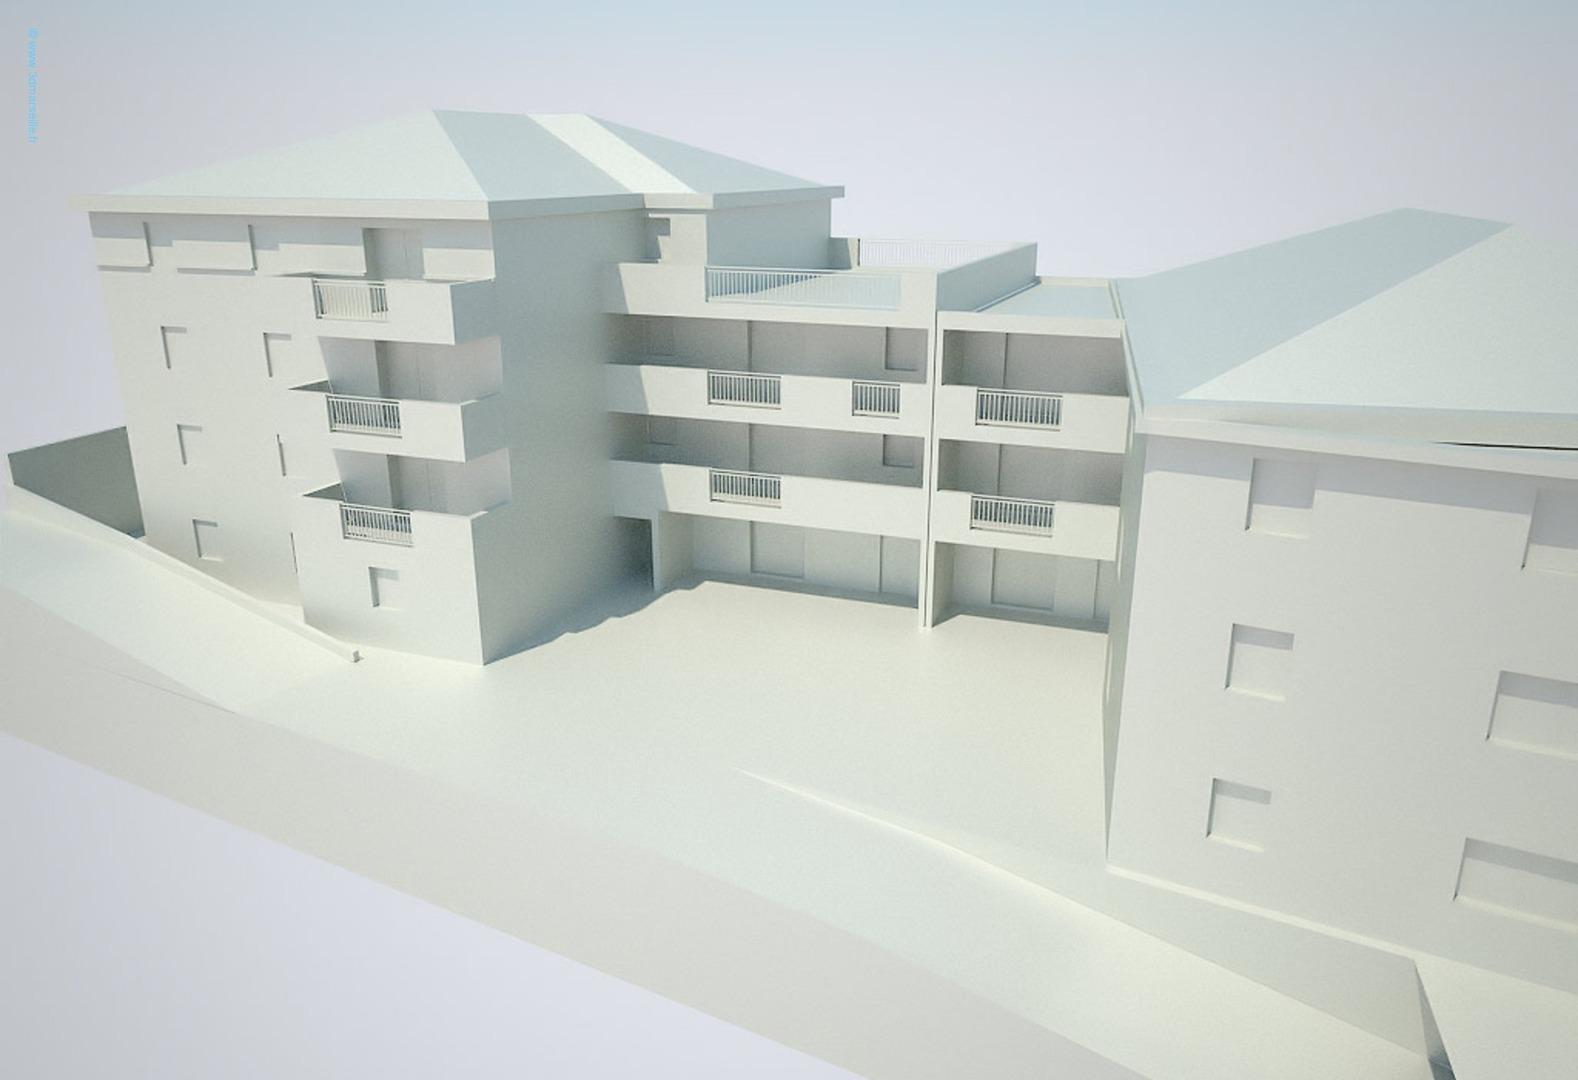 Maquettes virtuelle 3D au blanc les architectes